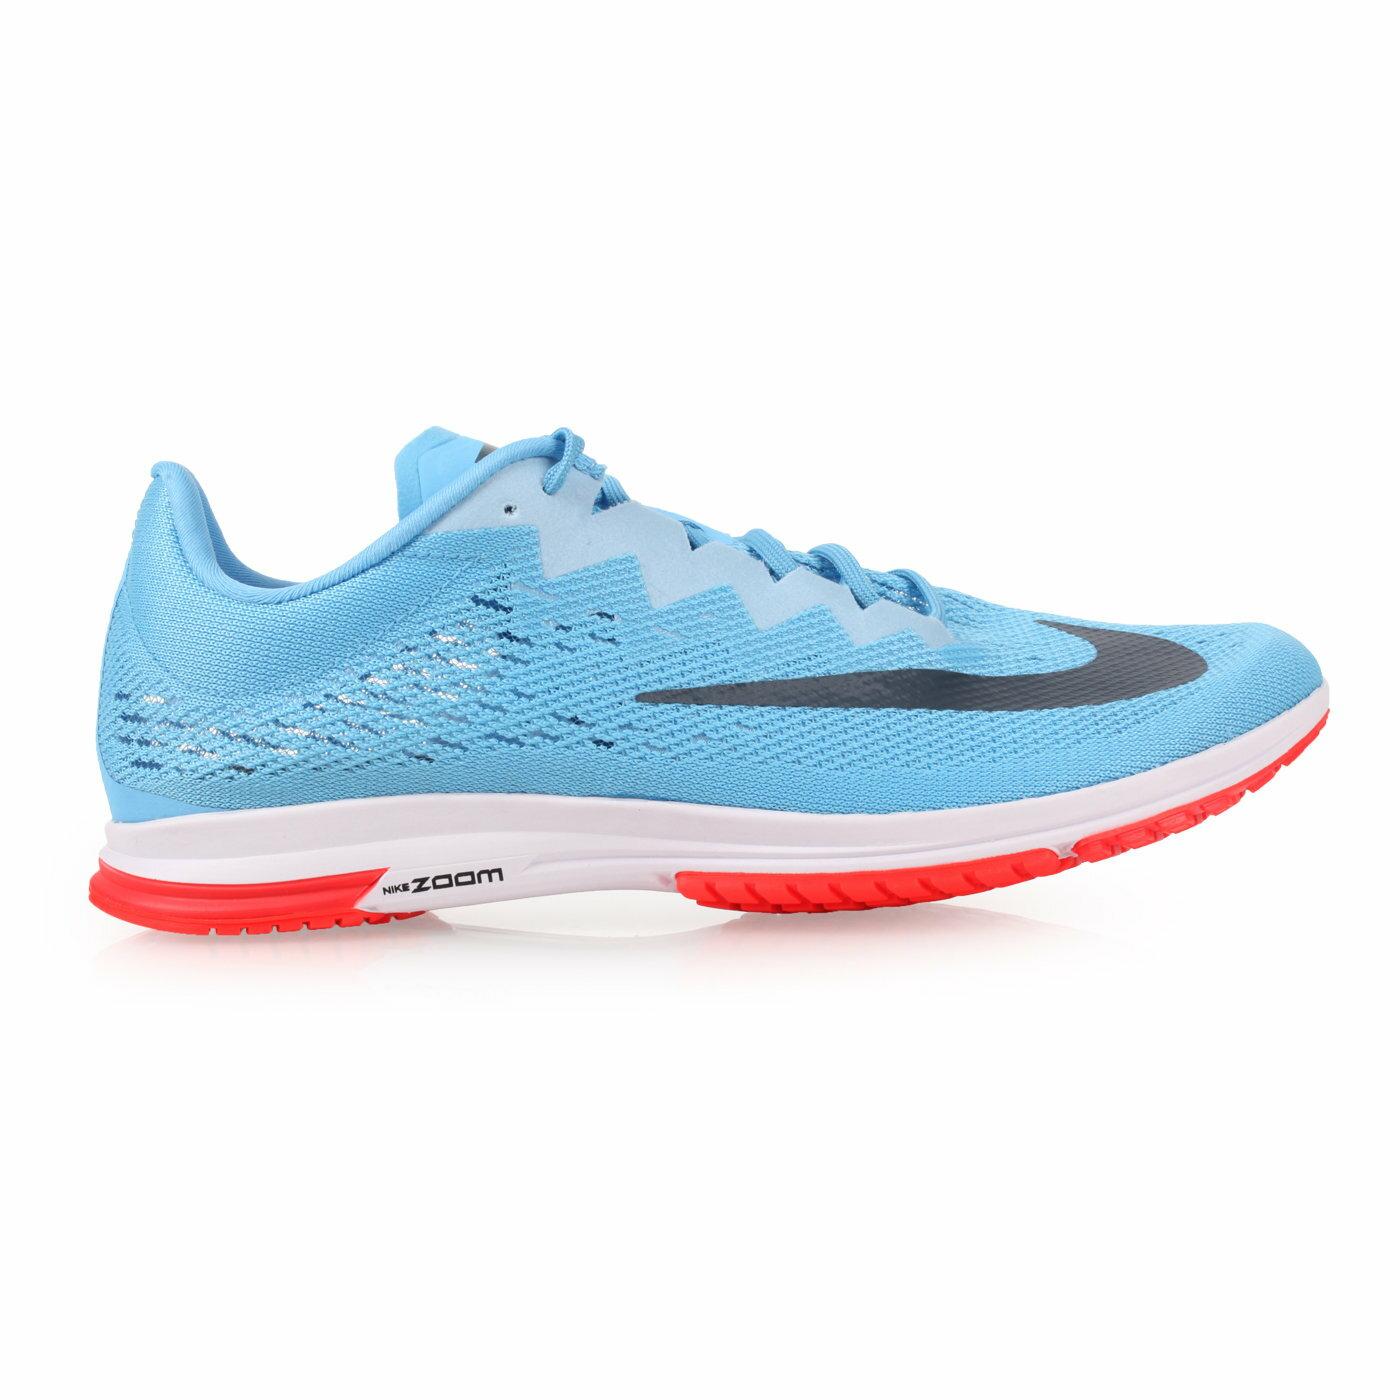 NIKE AIR ZOOM STREAK LT 4 男女路跑訓練鞋(免運 健身 路跑【02016934】≡排汗專家≡